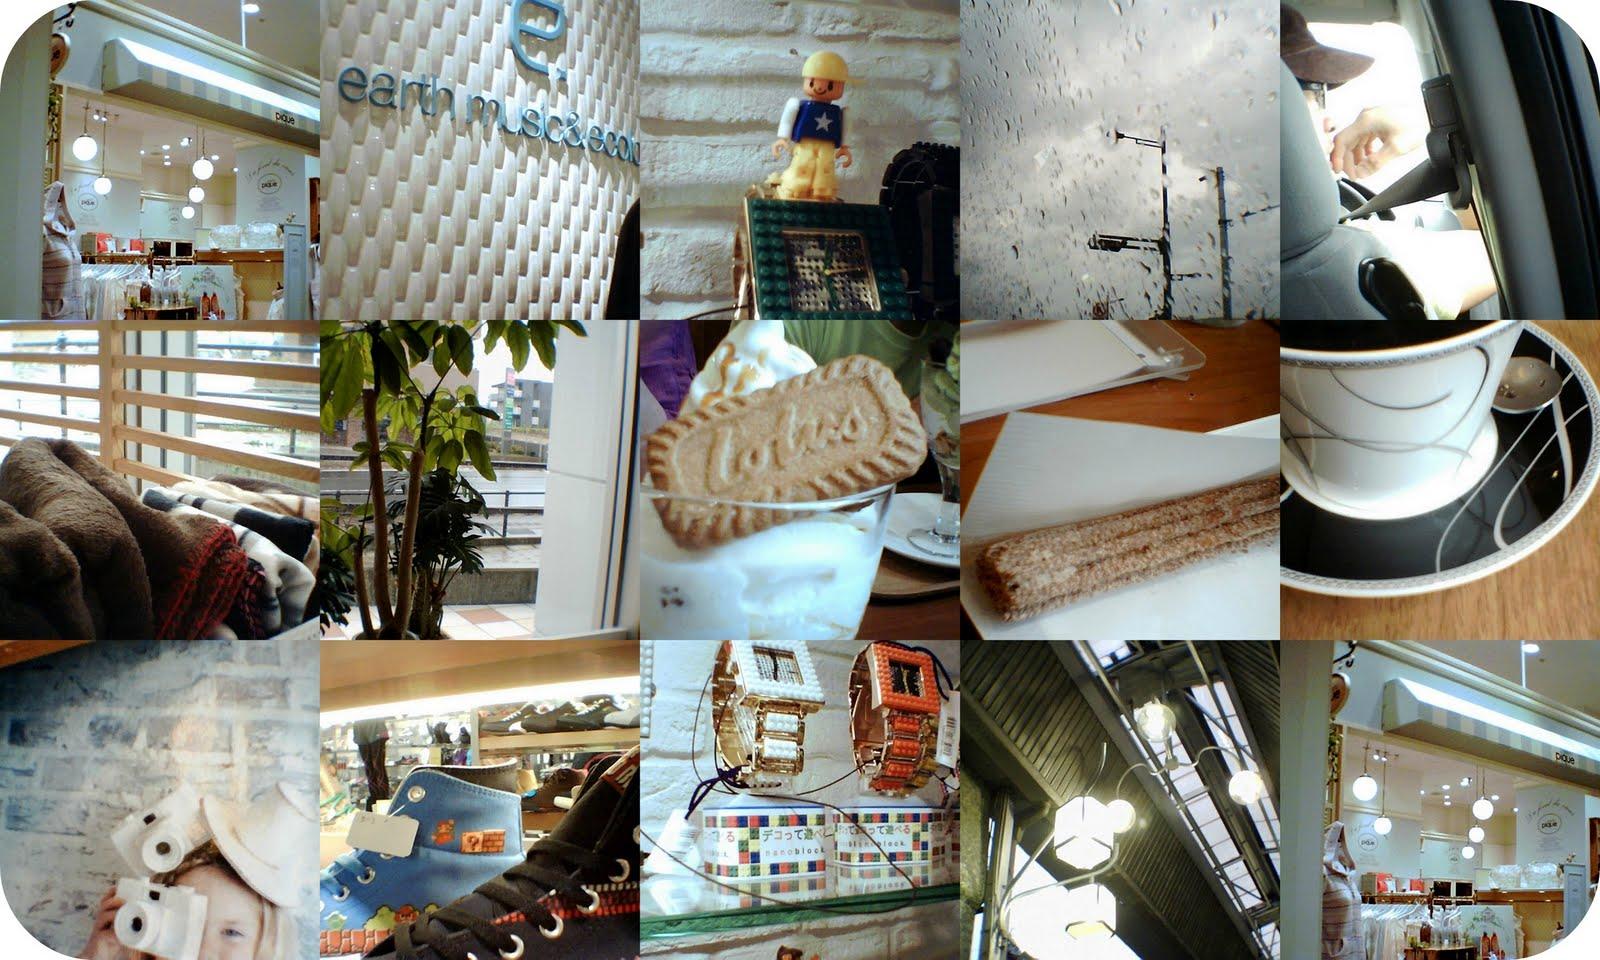 http://3.bp.blogspot.com/-DEycP1Tb66k/TmIaBUDZ_9I/AAAAAAAAB4o/Hrk_i5tGe94/s1600/Last+Peeks+of+Japan.jpg